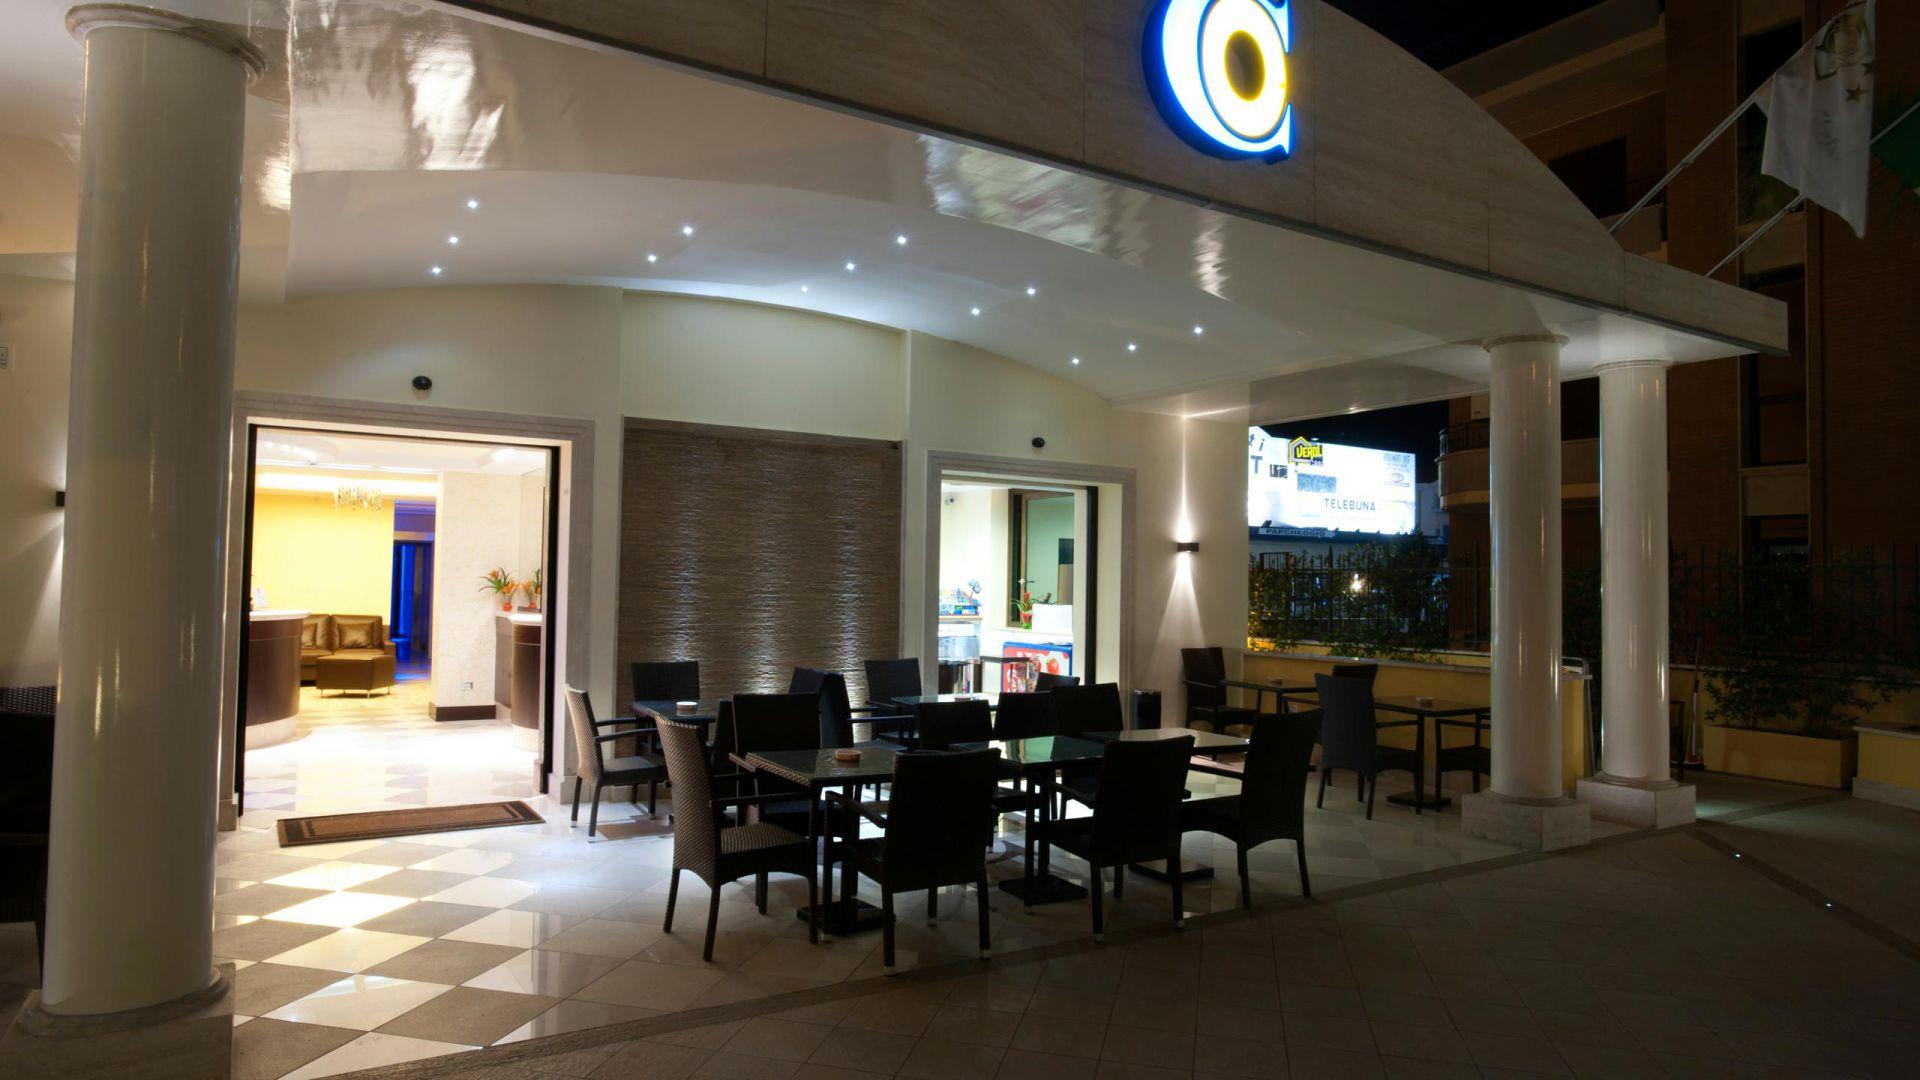 oc-hotel-villa-adriana-external-005